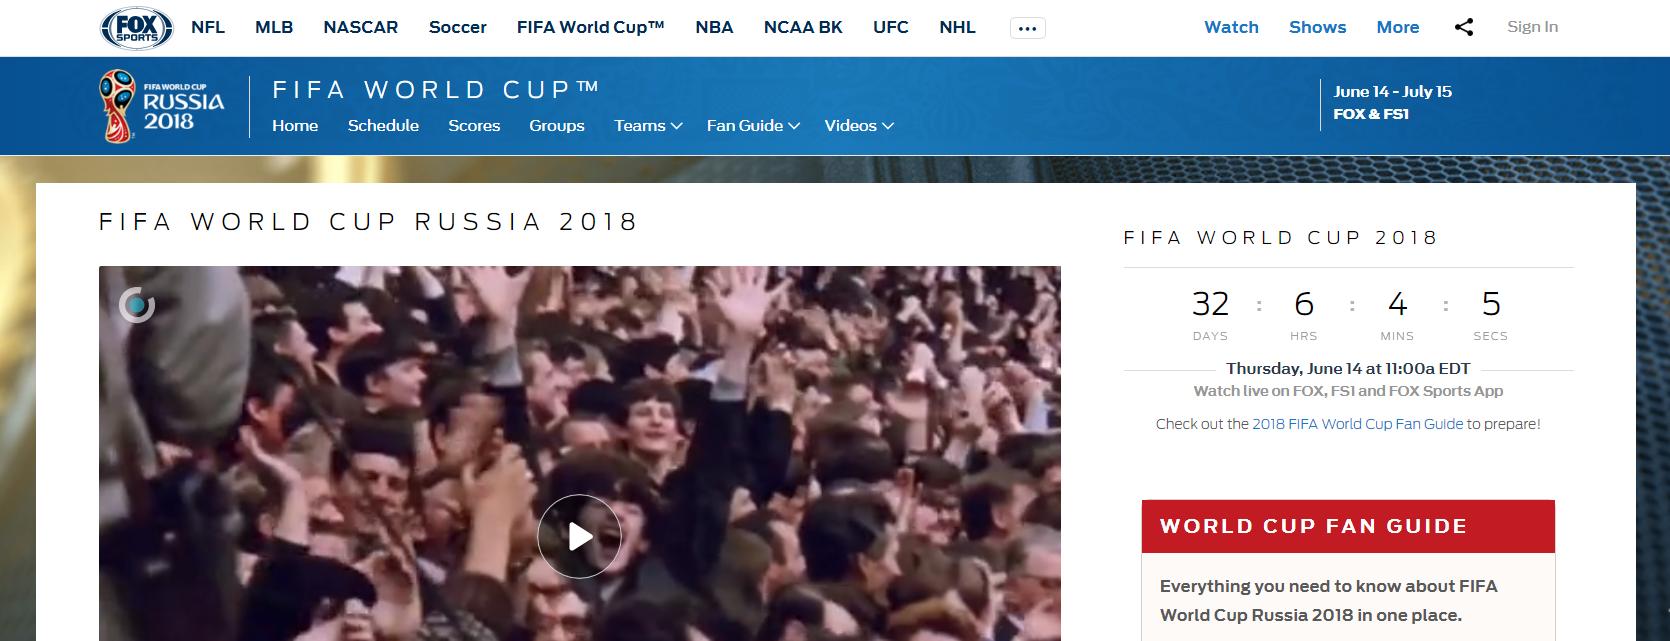 6 Cara Menonton Gratis Piala Dunia Fifa 2018 Dari Mana Saja Yang